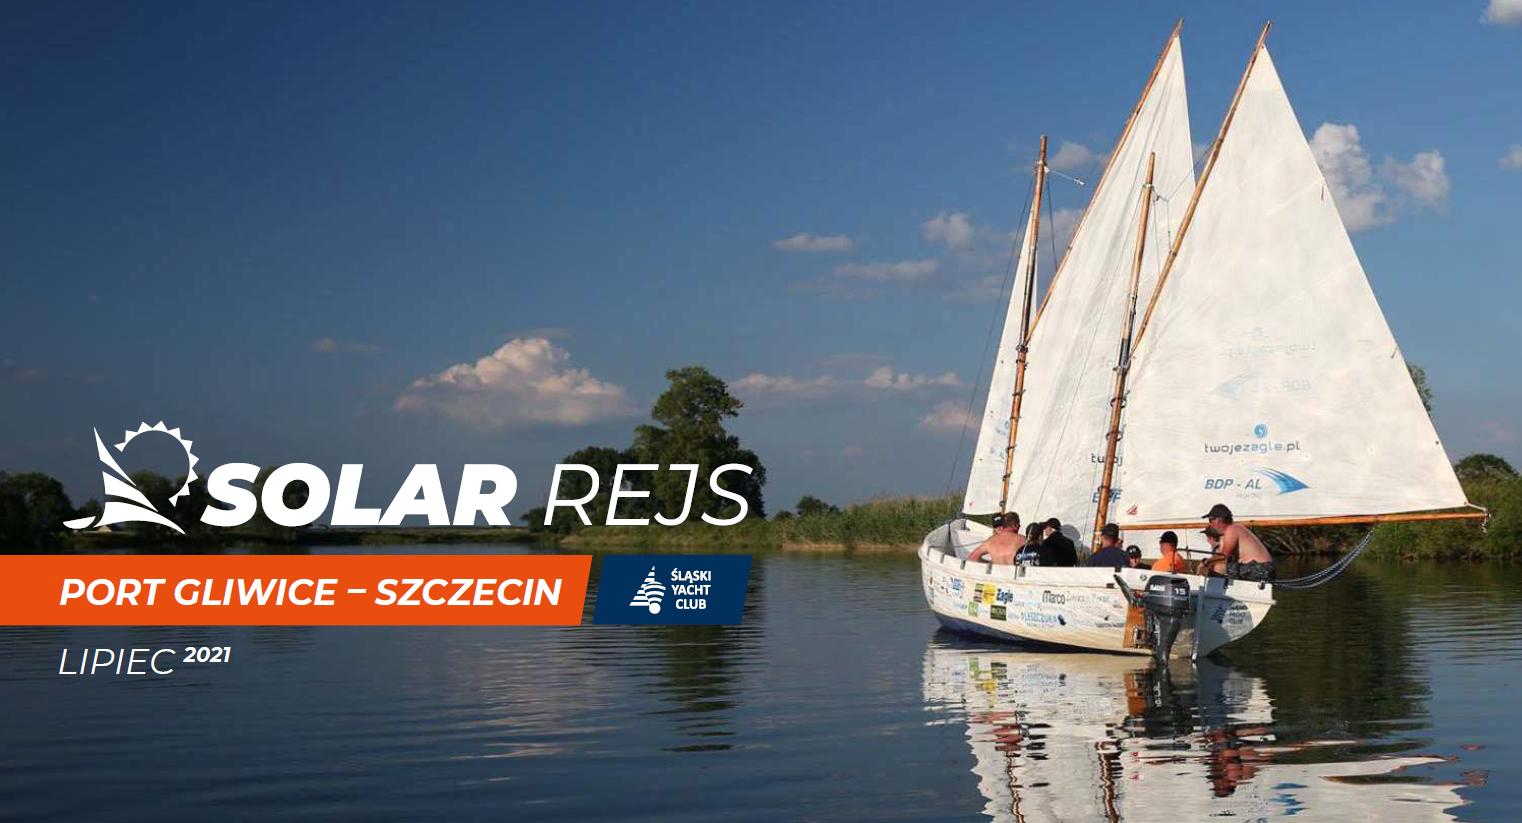 łódź na której popłyną uczestnicy Solar Rejs